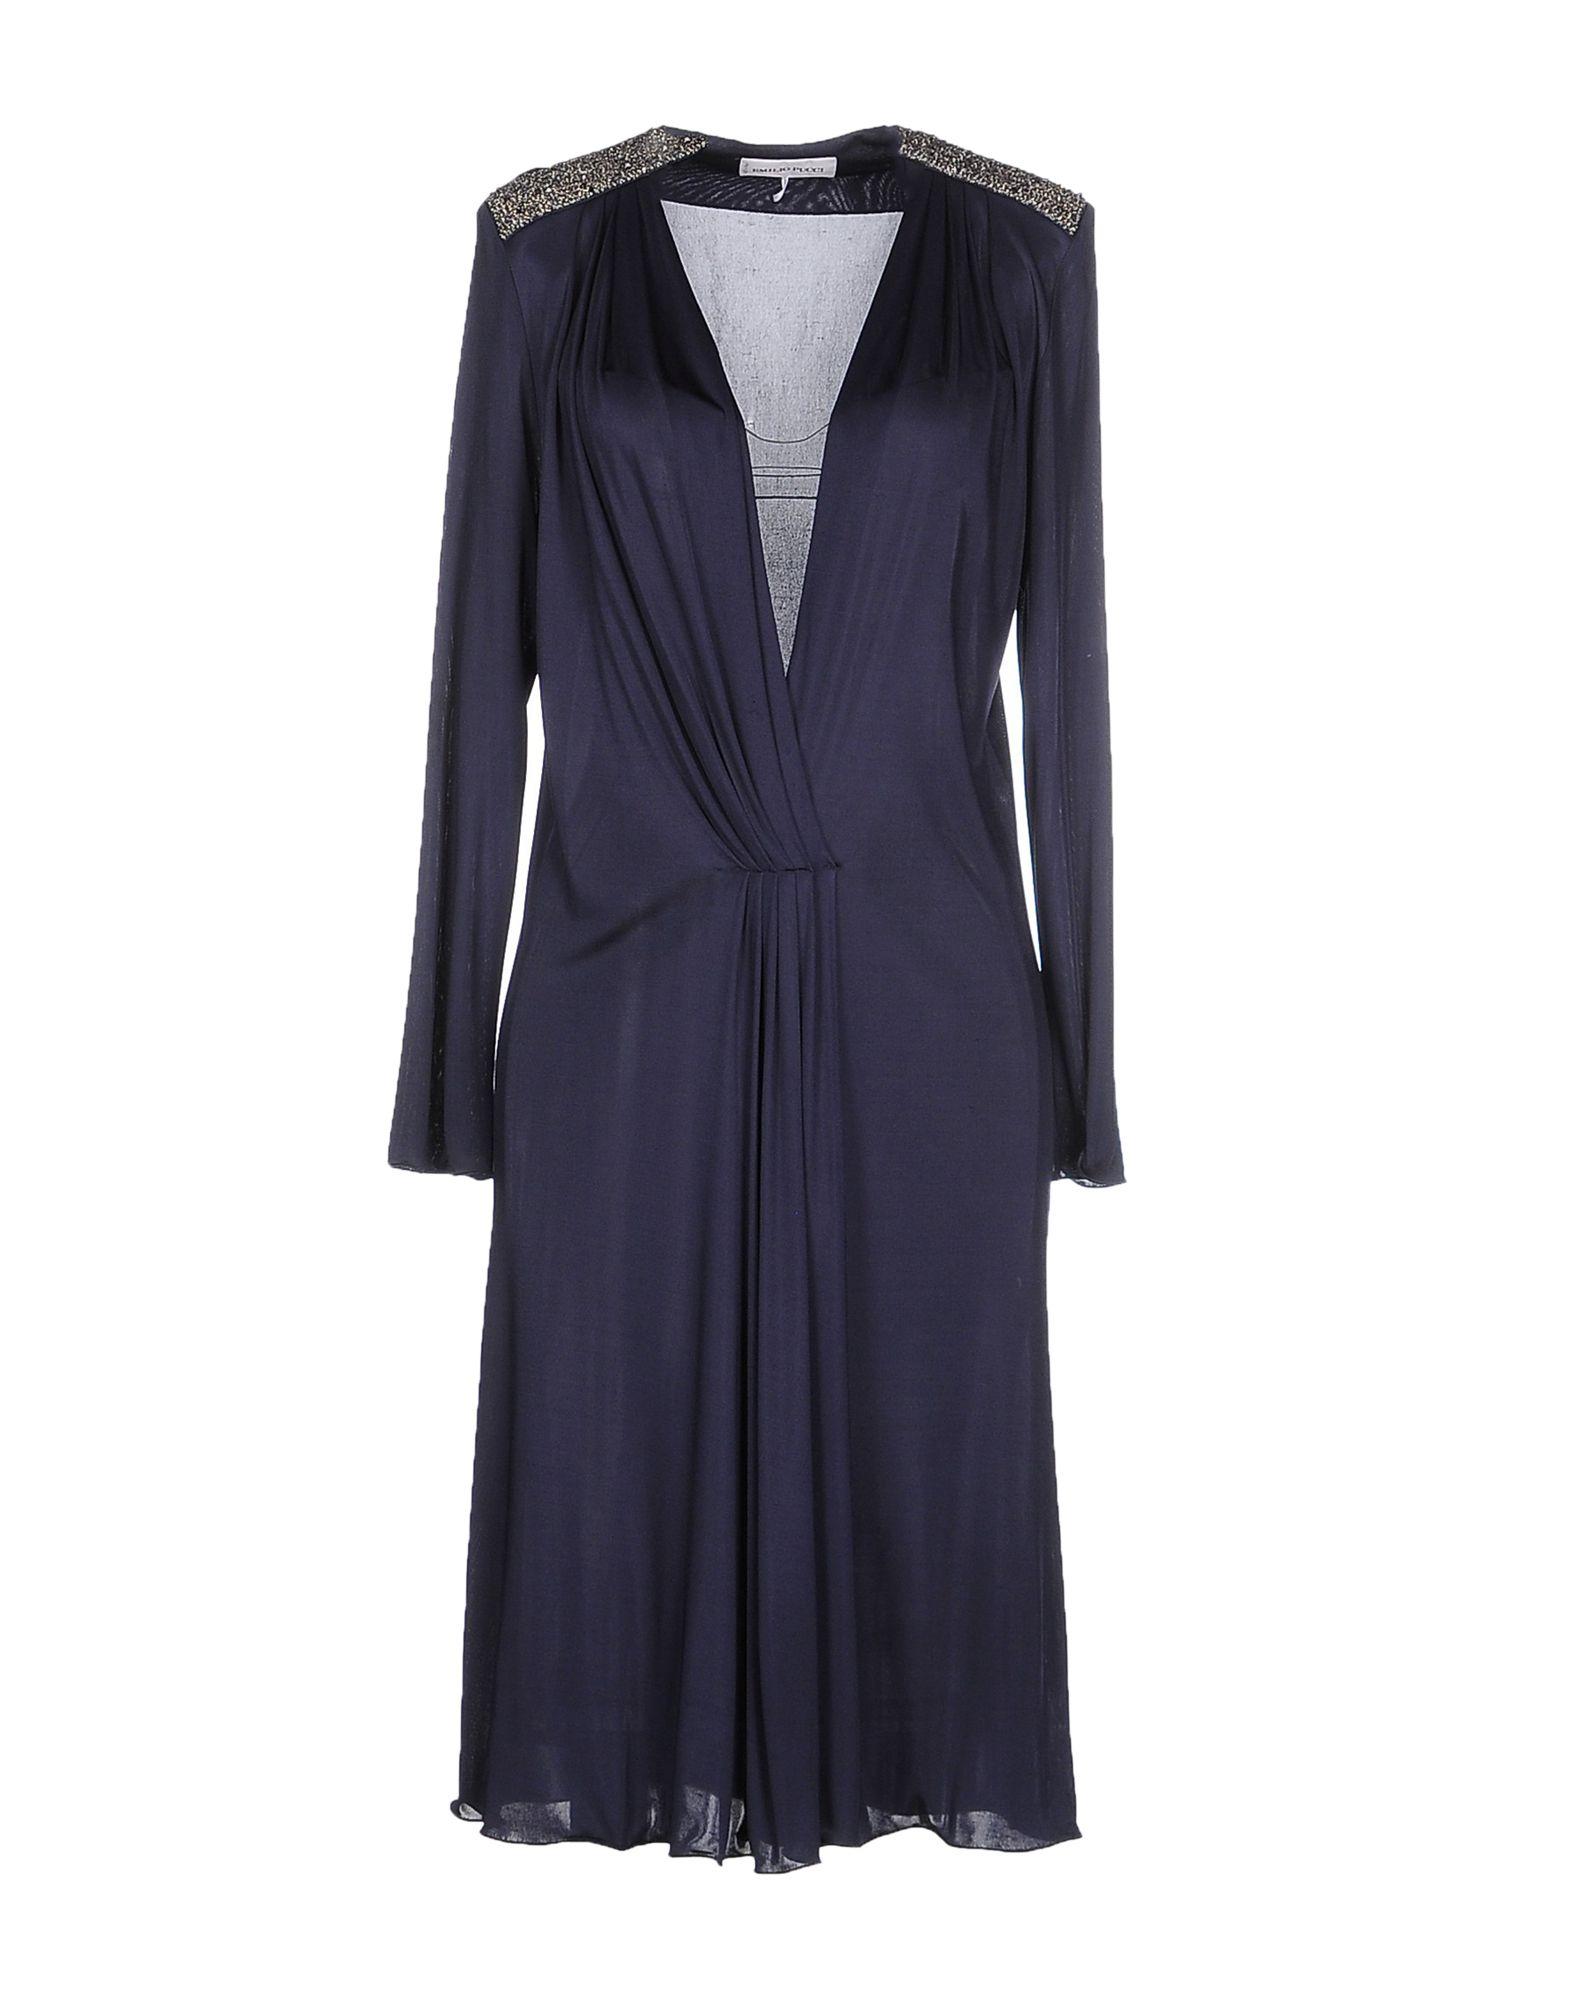 цены на EMILIO PUCCI Платье до колена в интернет-магазинах